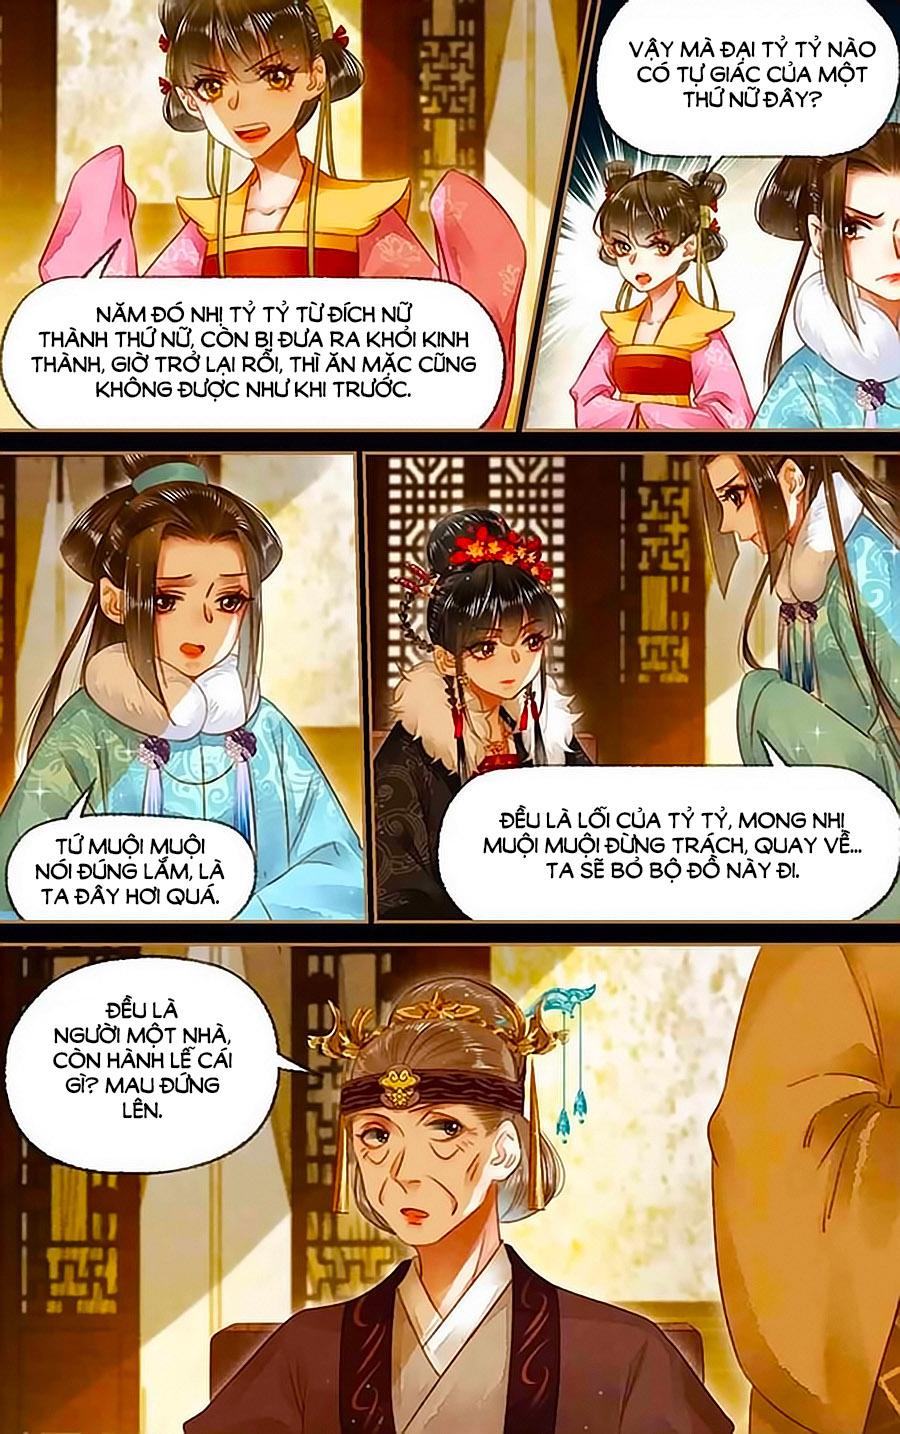 Thần Y Đích Nữ chap 164 - Trang 4